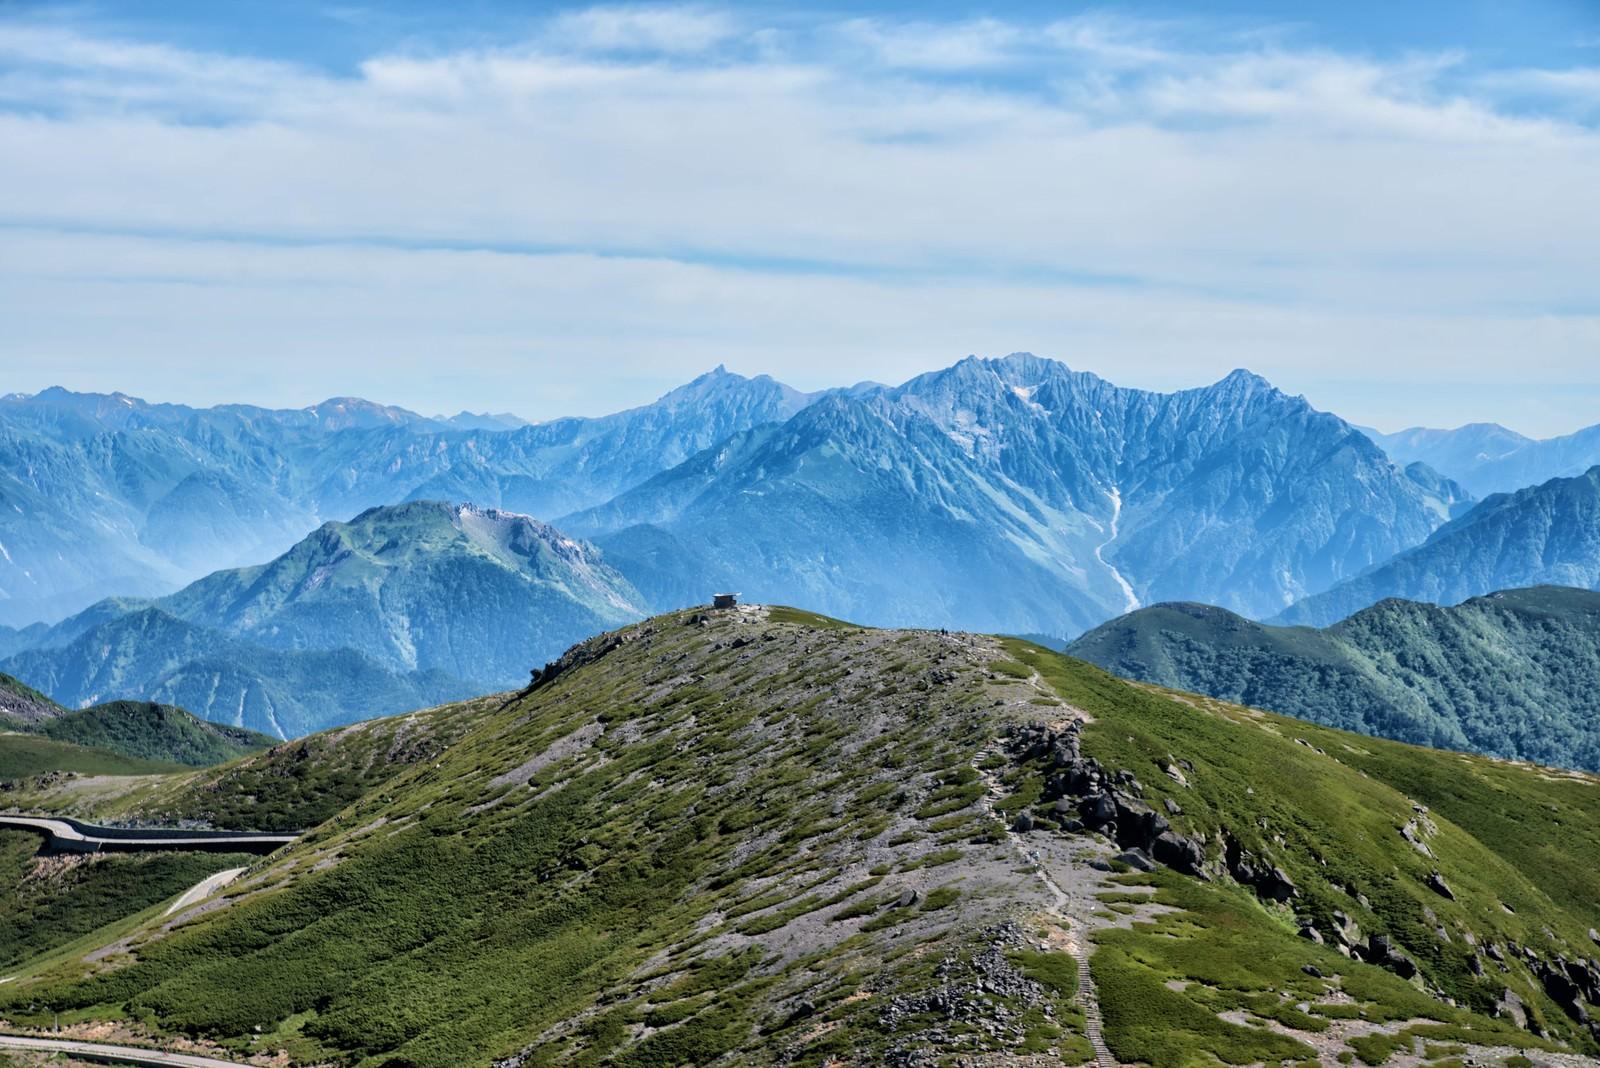 「乗鞍岳の雄大な眺め」の写真